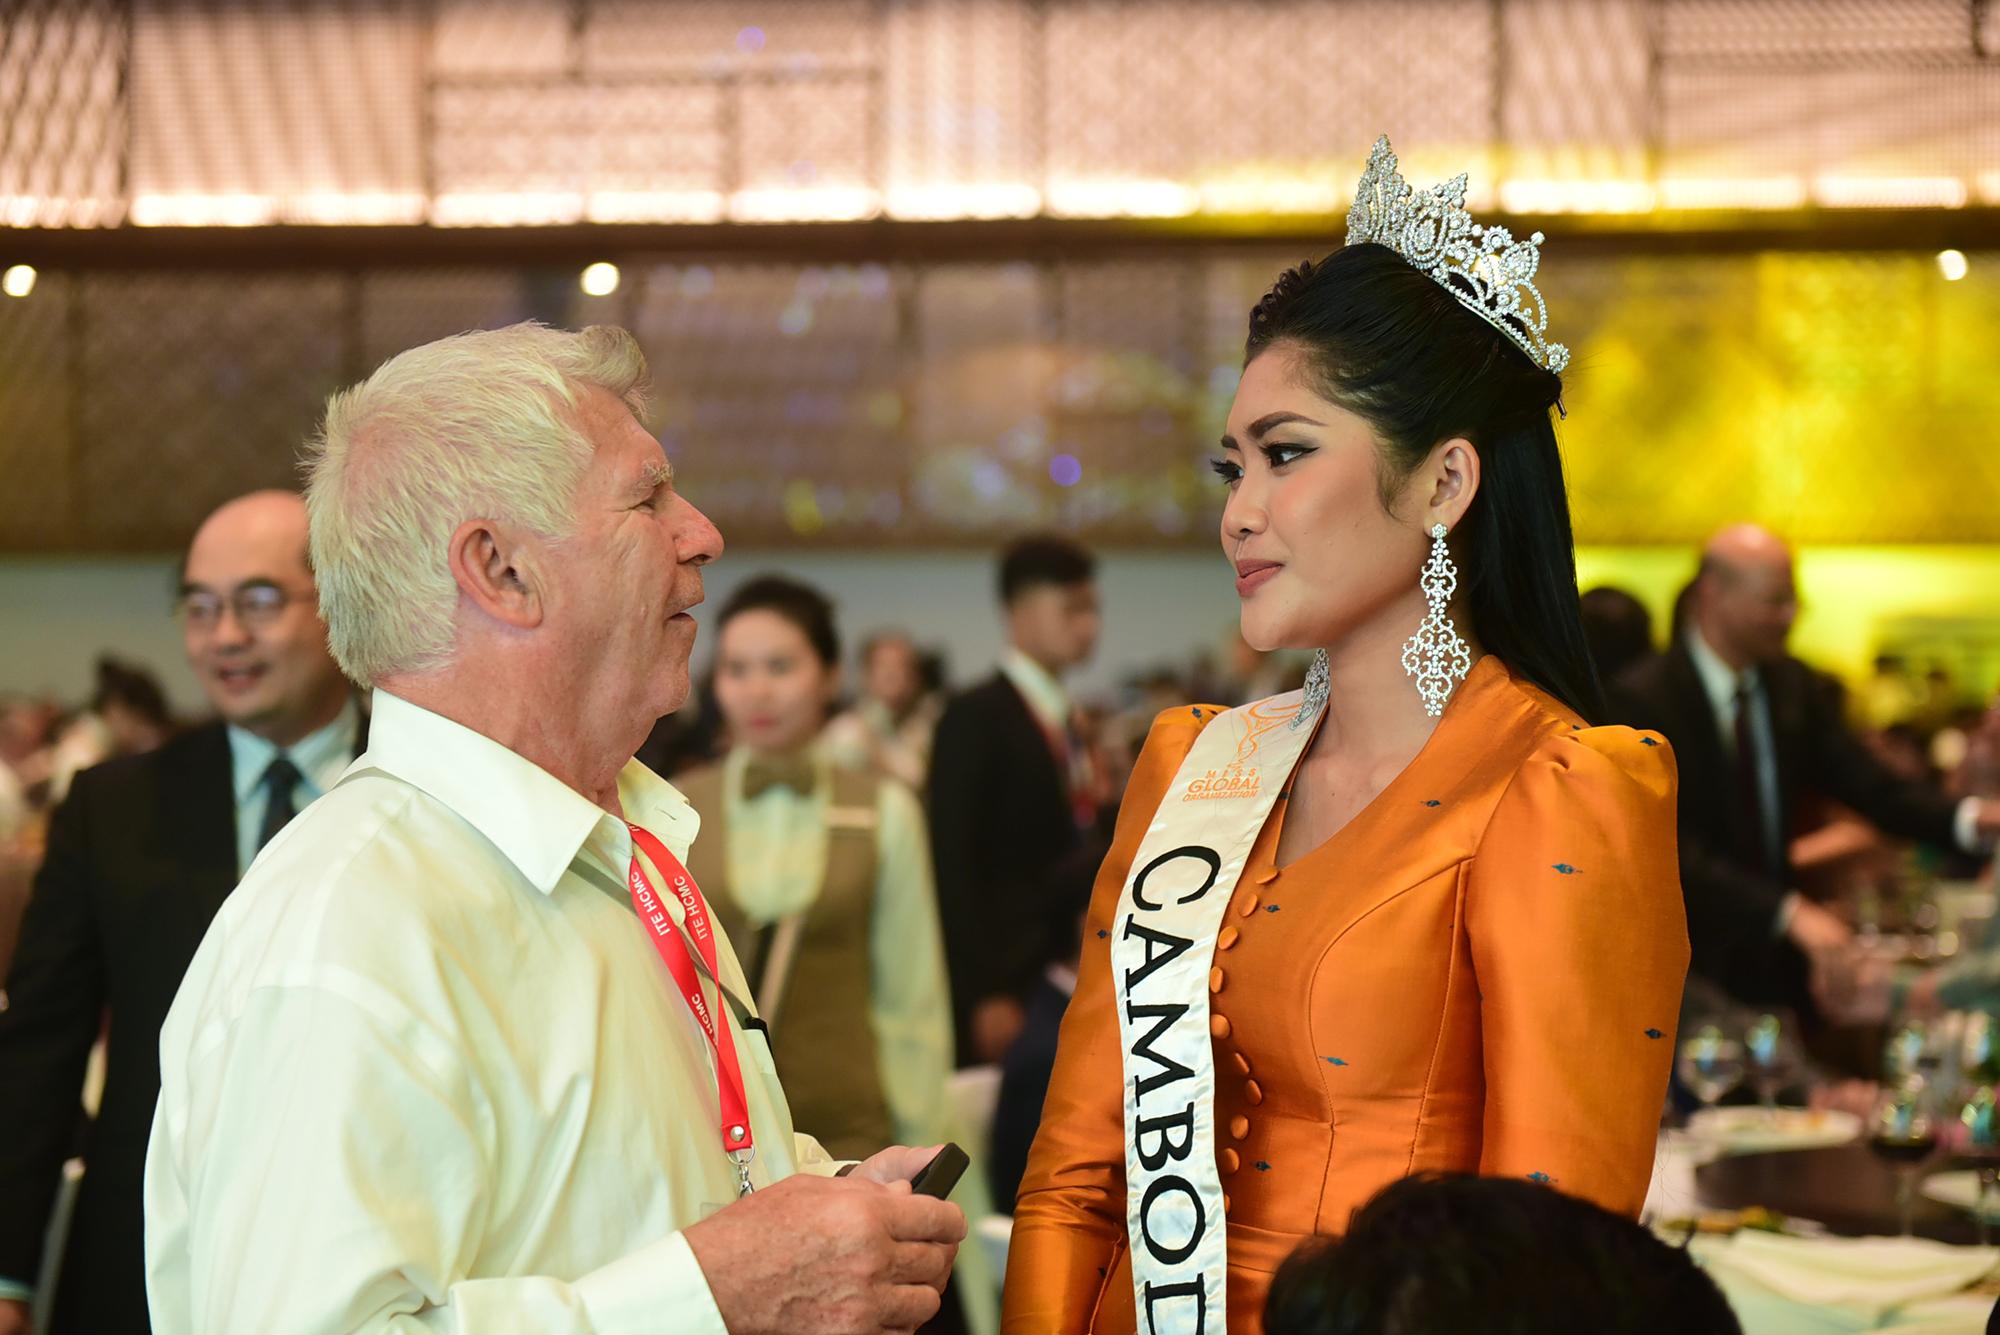 Hội chợ du lịch quốc tế TP.HCM tưng bừng từ 7 đến 9-9 - Ảnh 2.